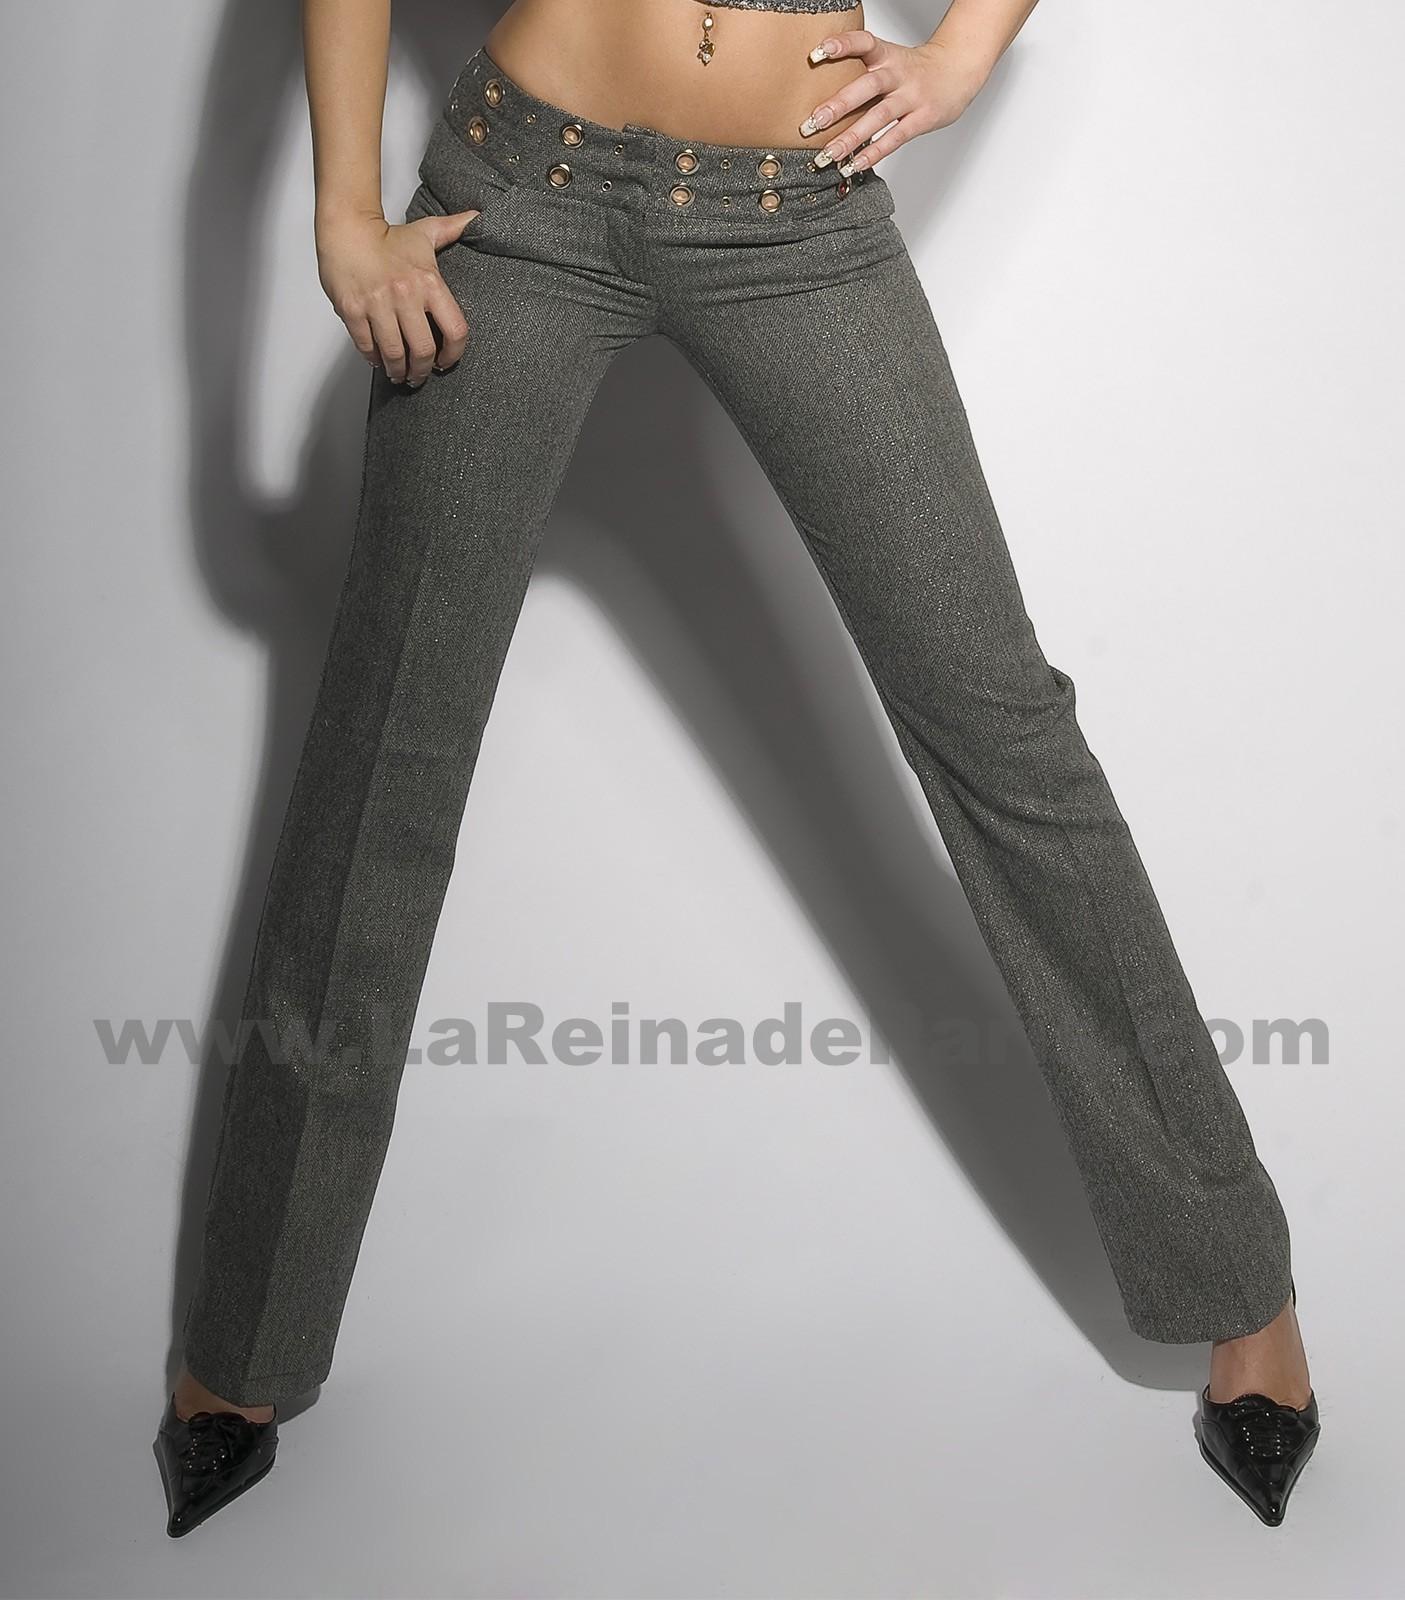 Pantalón Ithaisa gris